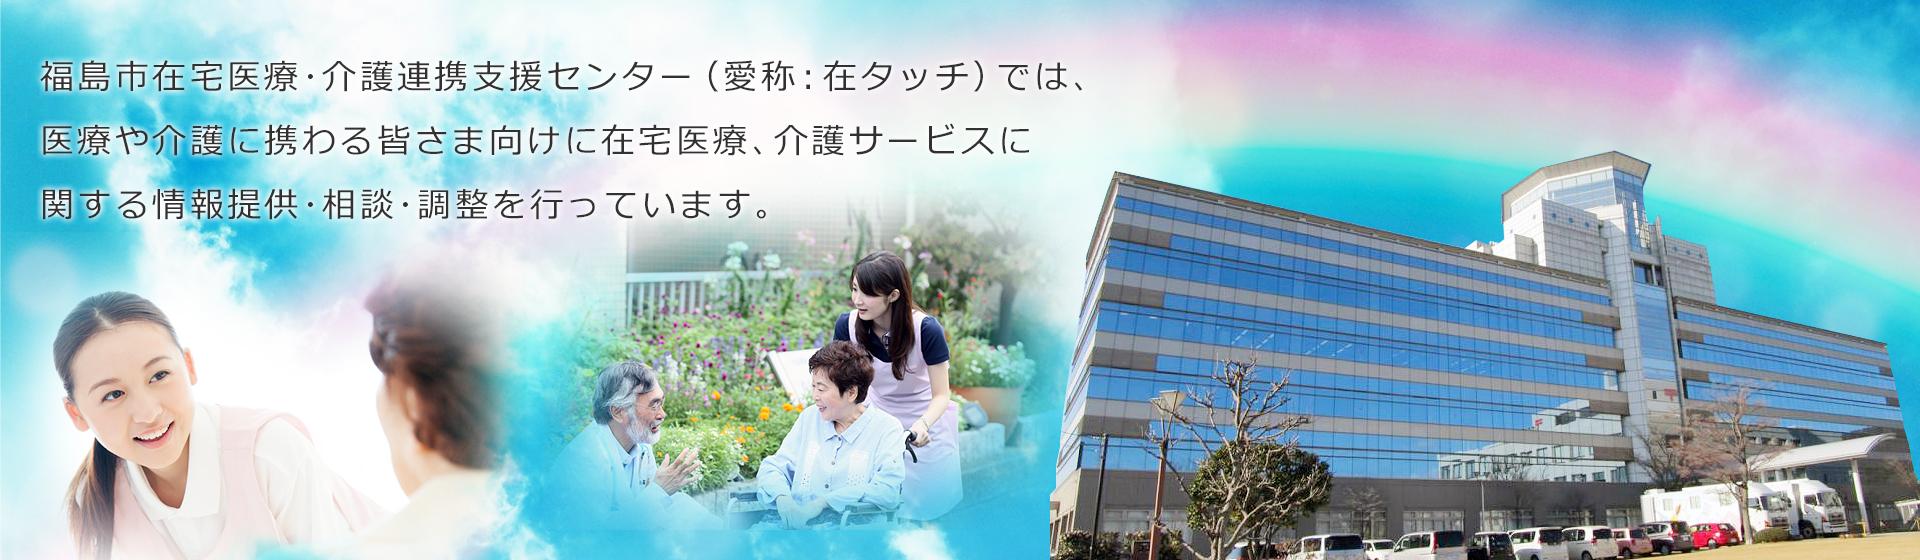 福島市在宅医療・介護連携支援センター(在タッチ)